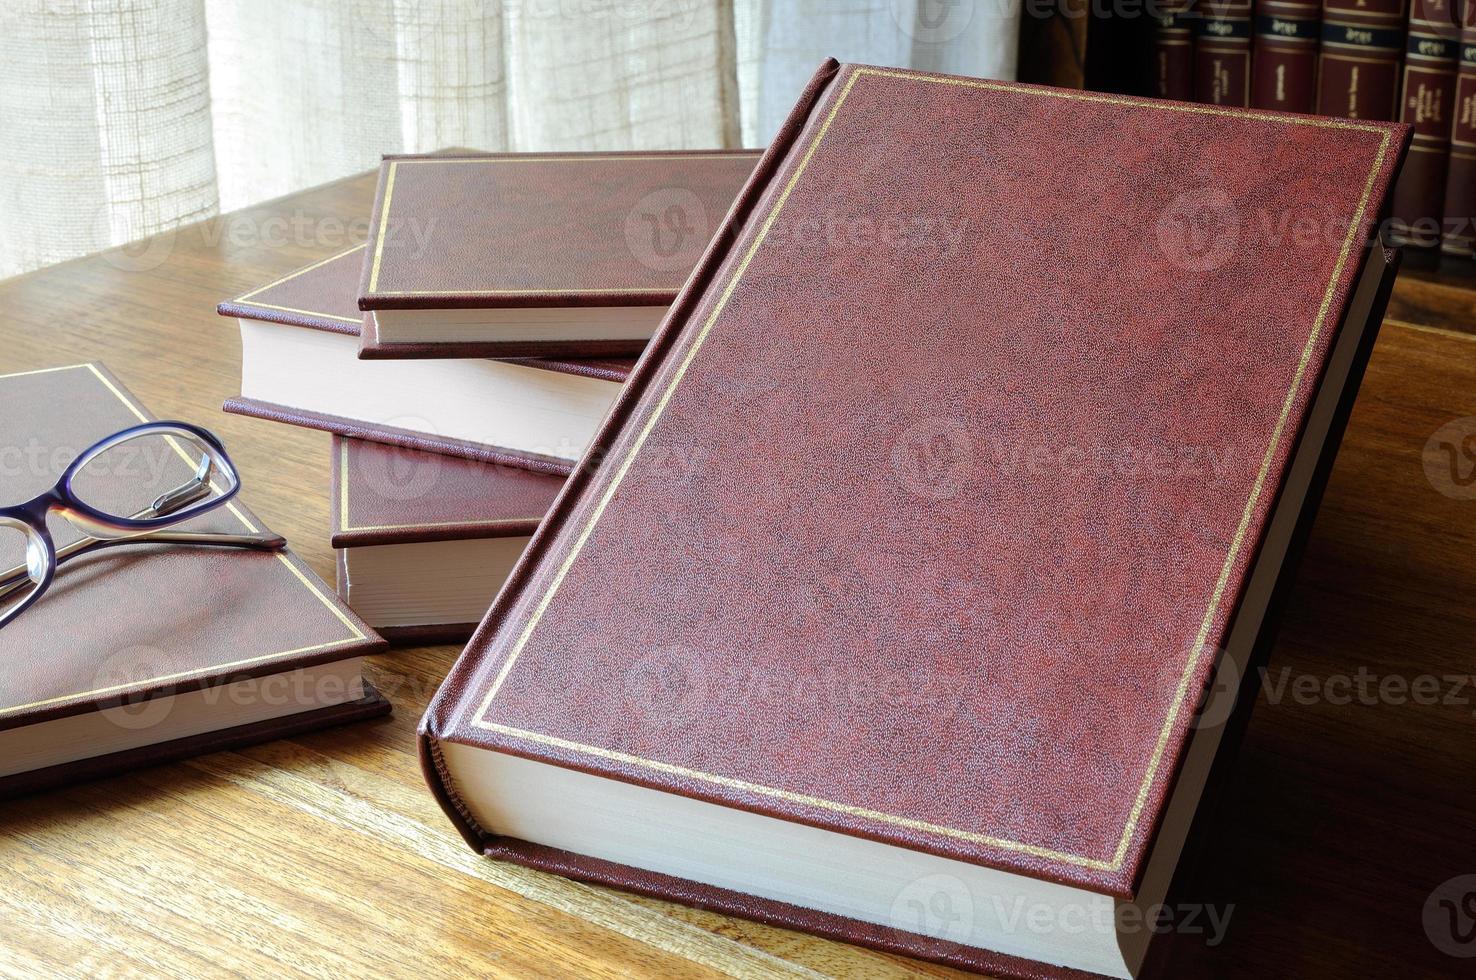 blootgesteld reeks boeken op de tafel foto